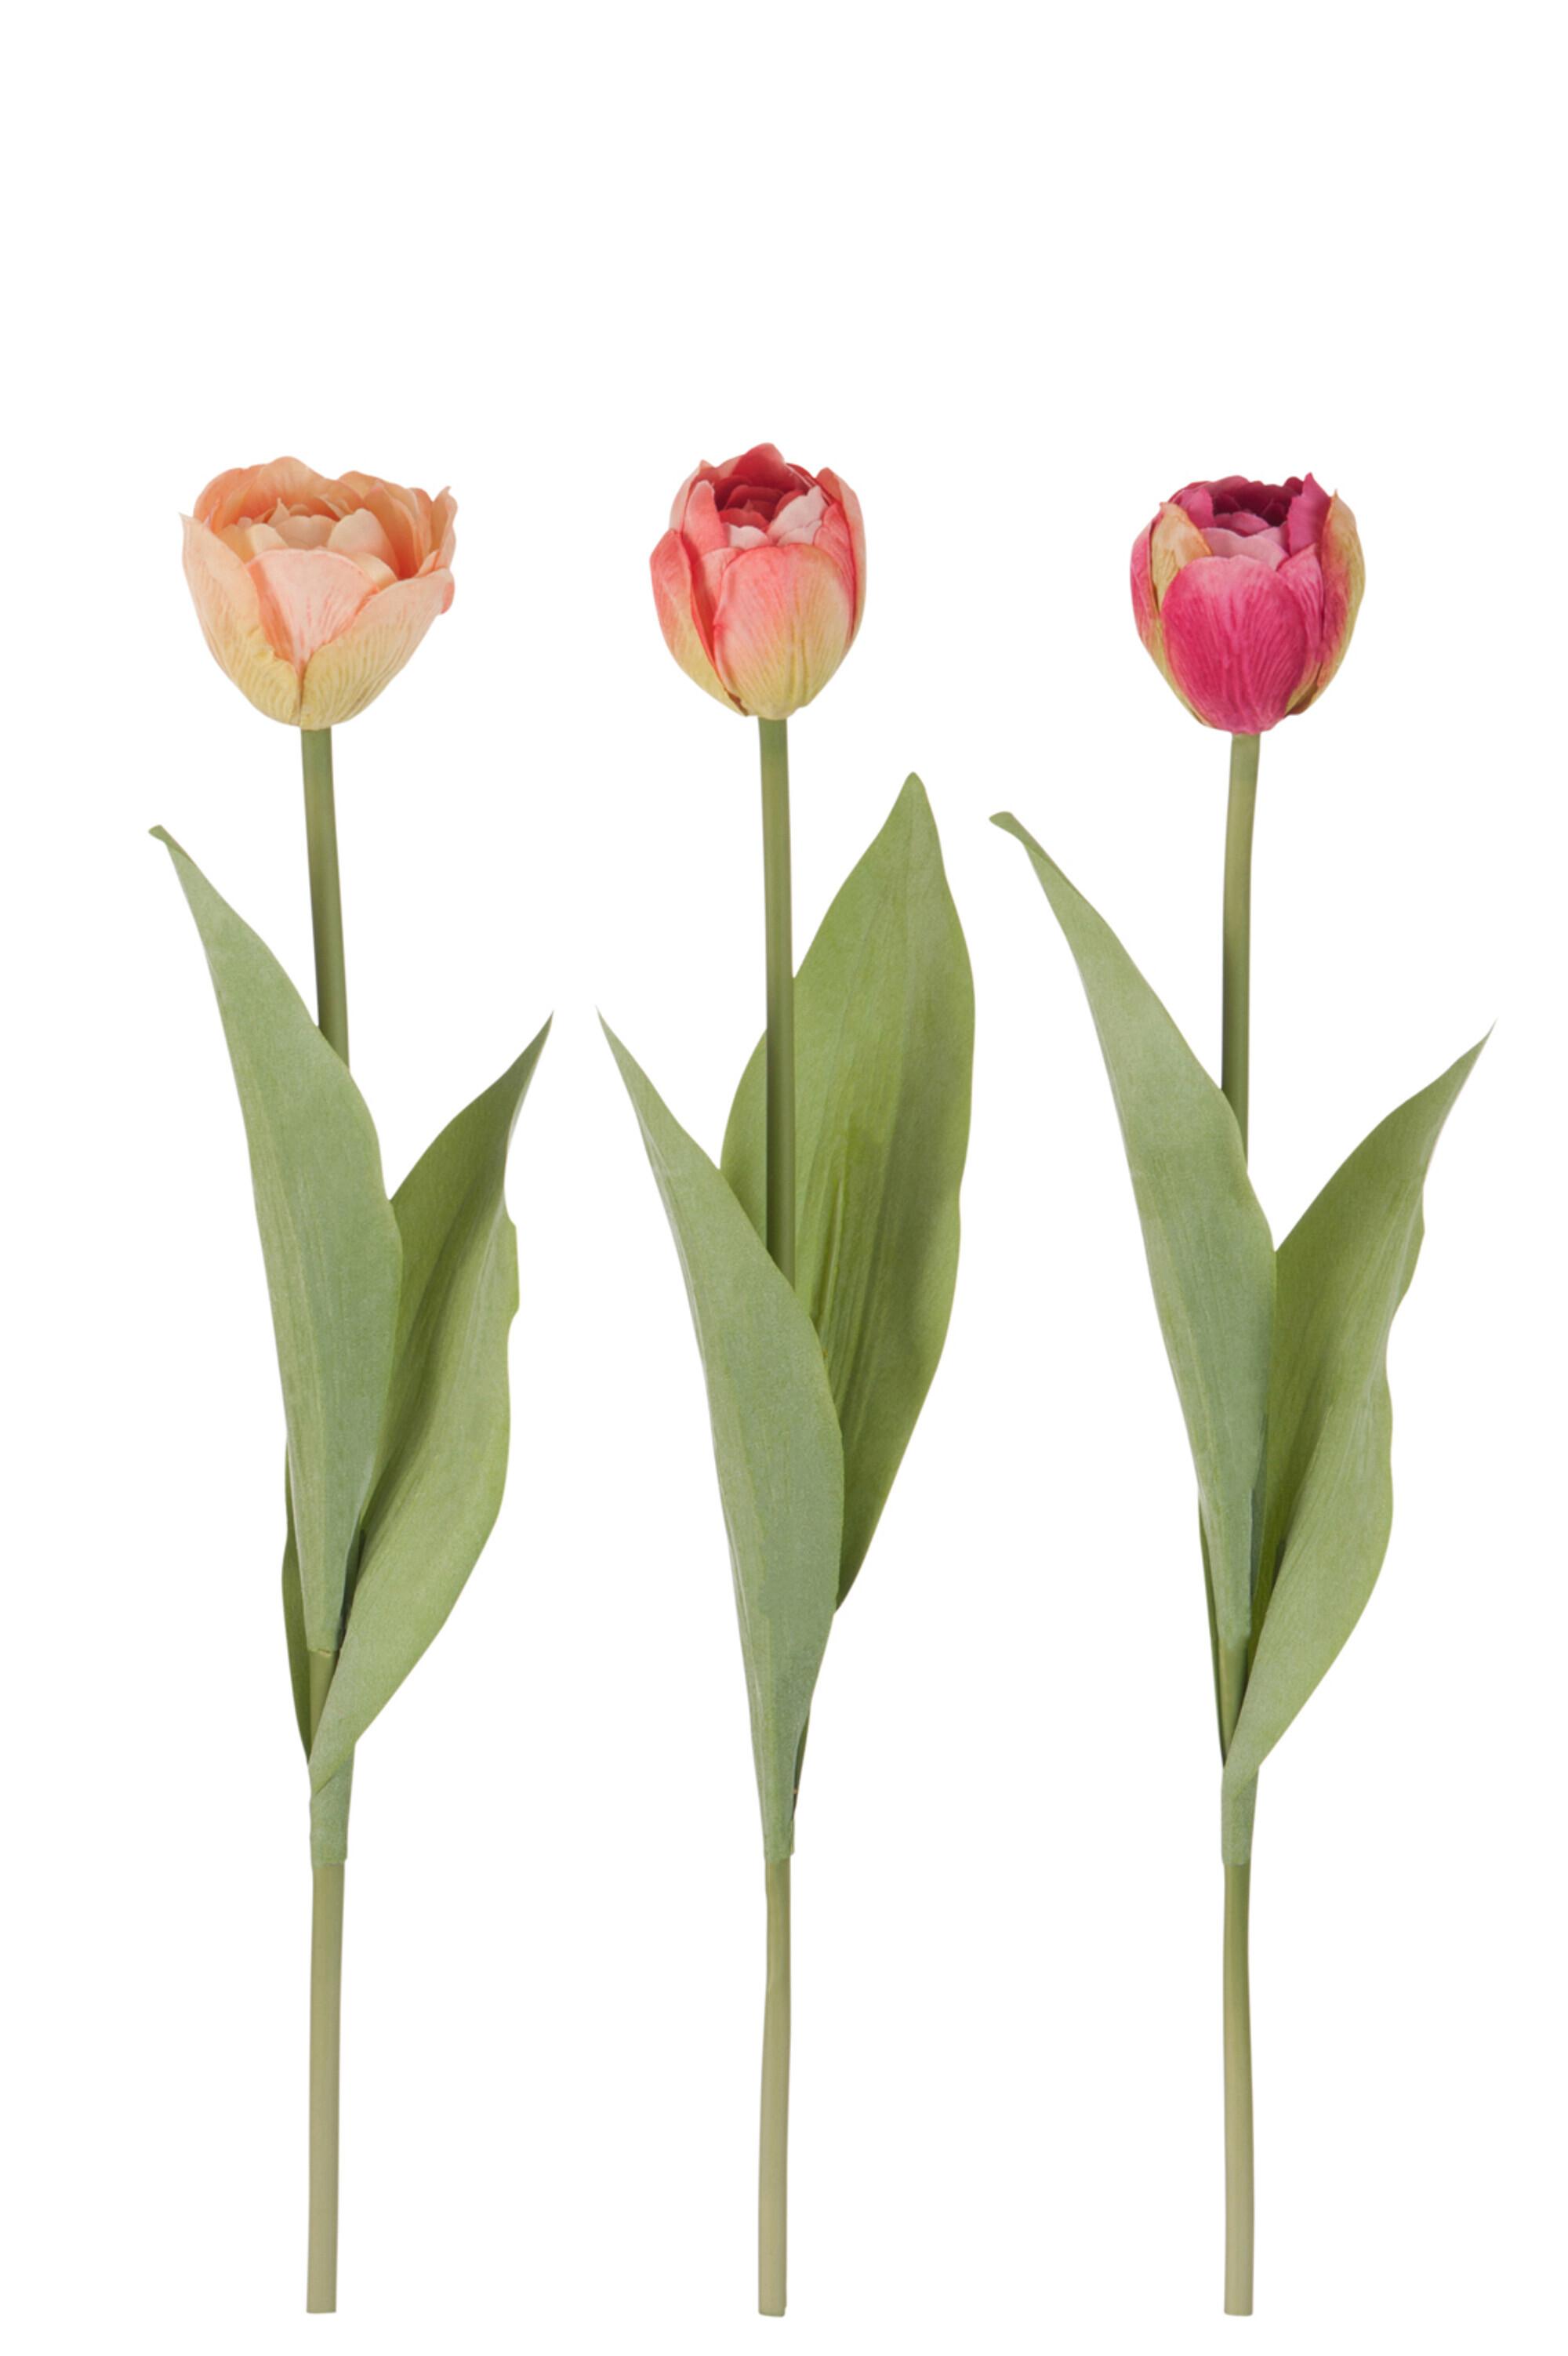 Tři tulipány ORANGE CORAL a PINK